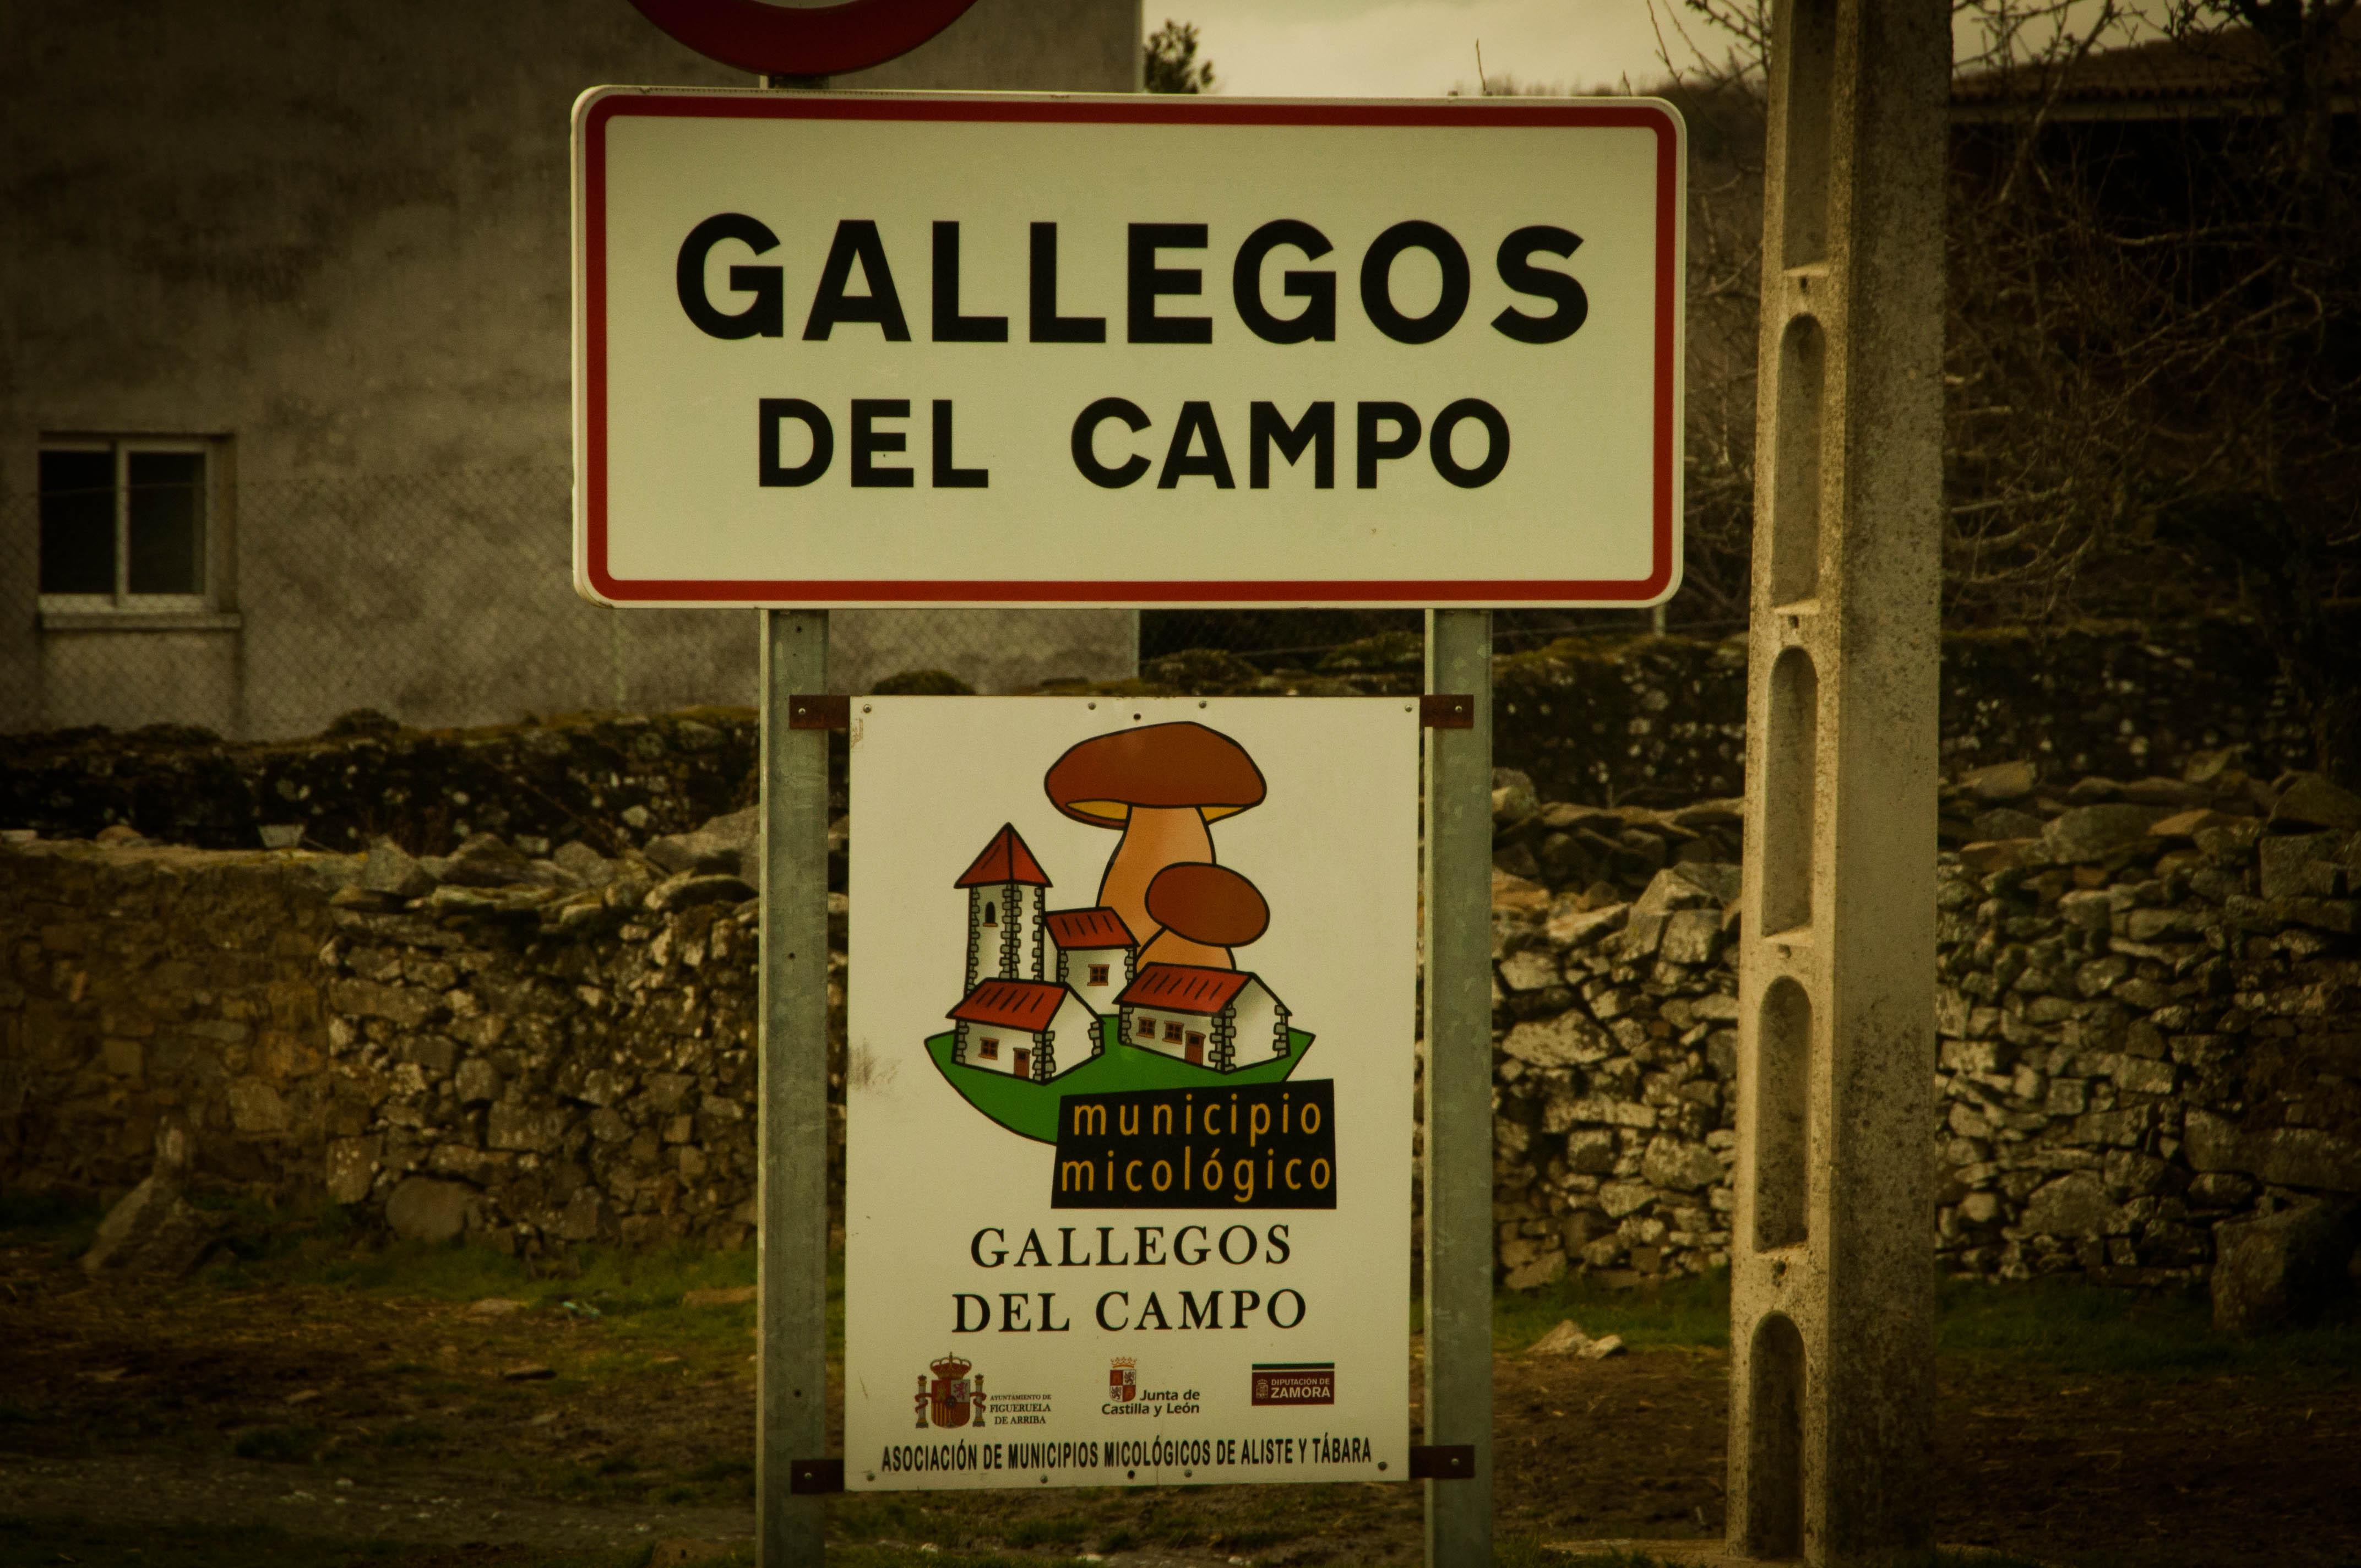 Las Obreras de Aliste Artesanos de la Miel Gallegos del Campo Zamora